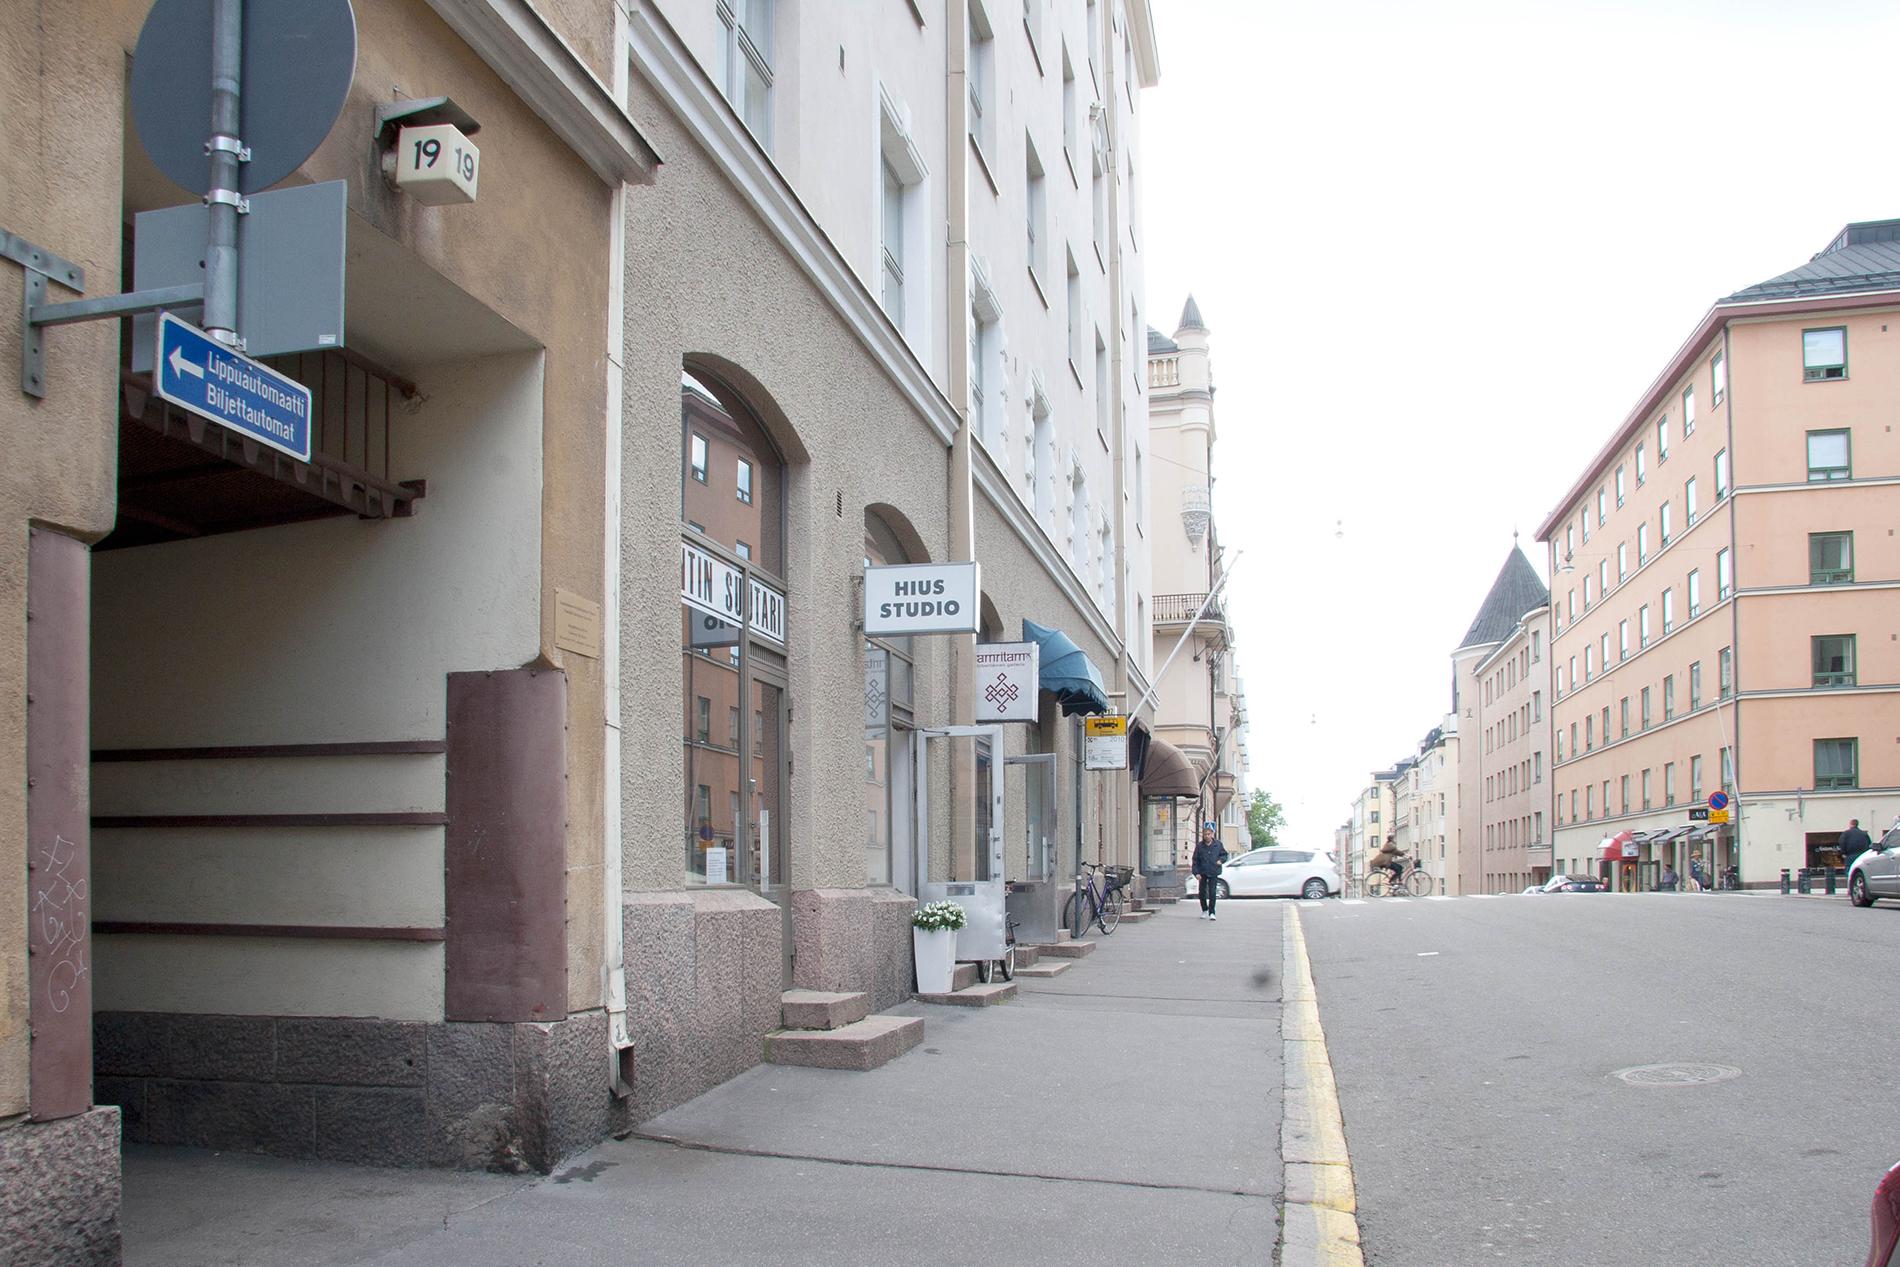 Kirjallisuuden ja kulttuurihistorian kokoelma sijaitsee Mariankatu 19 sisäpihalla. Pihassa on asiakaskäyttöön yksi autopaikka. SKS KIA. Kuvaaja: Milla Eräsaari.